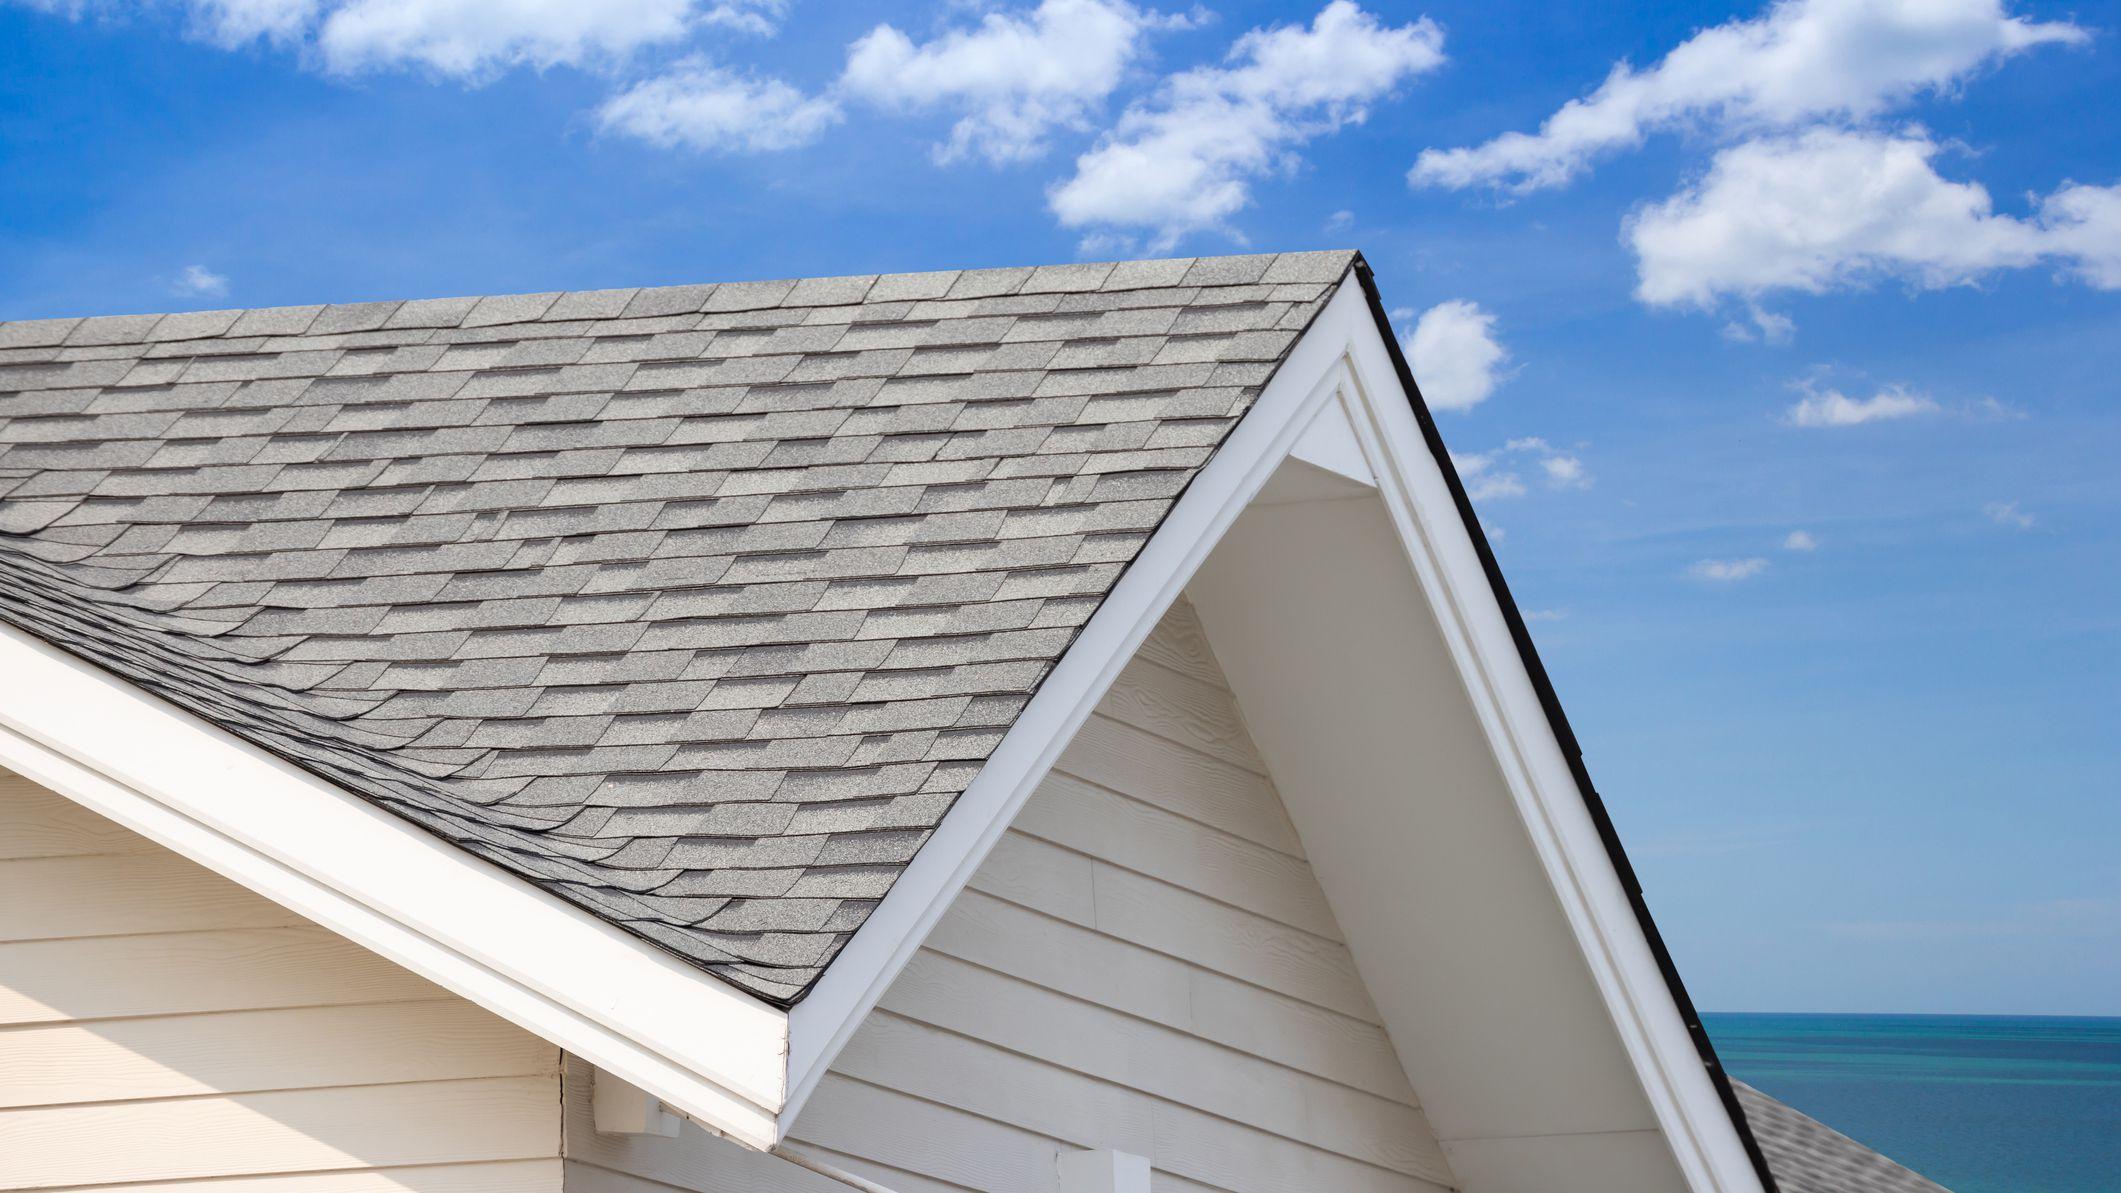 سقف کامپوزیت ساختمان